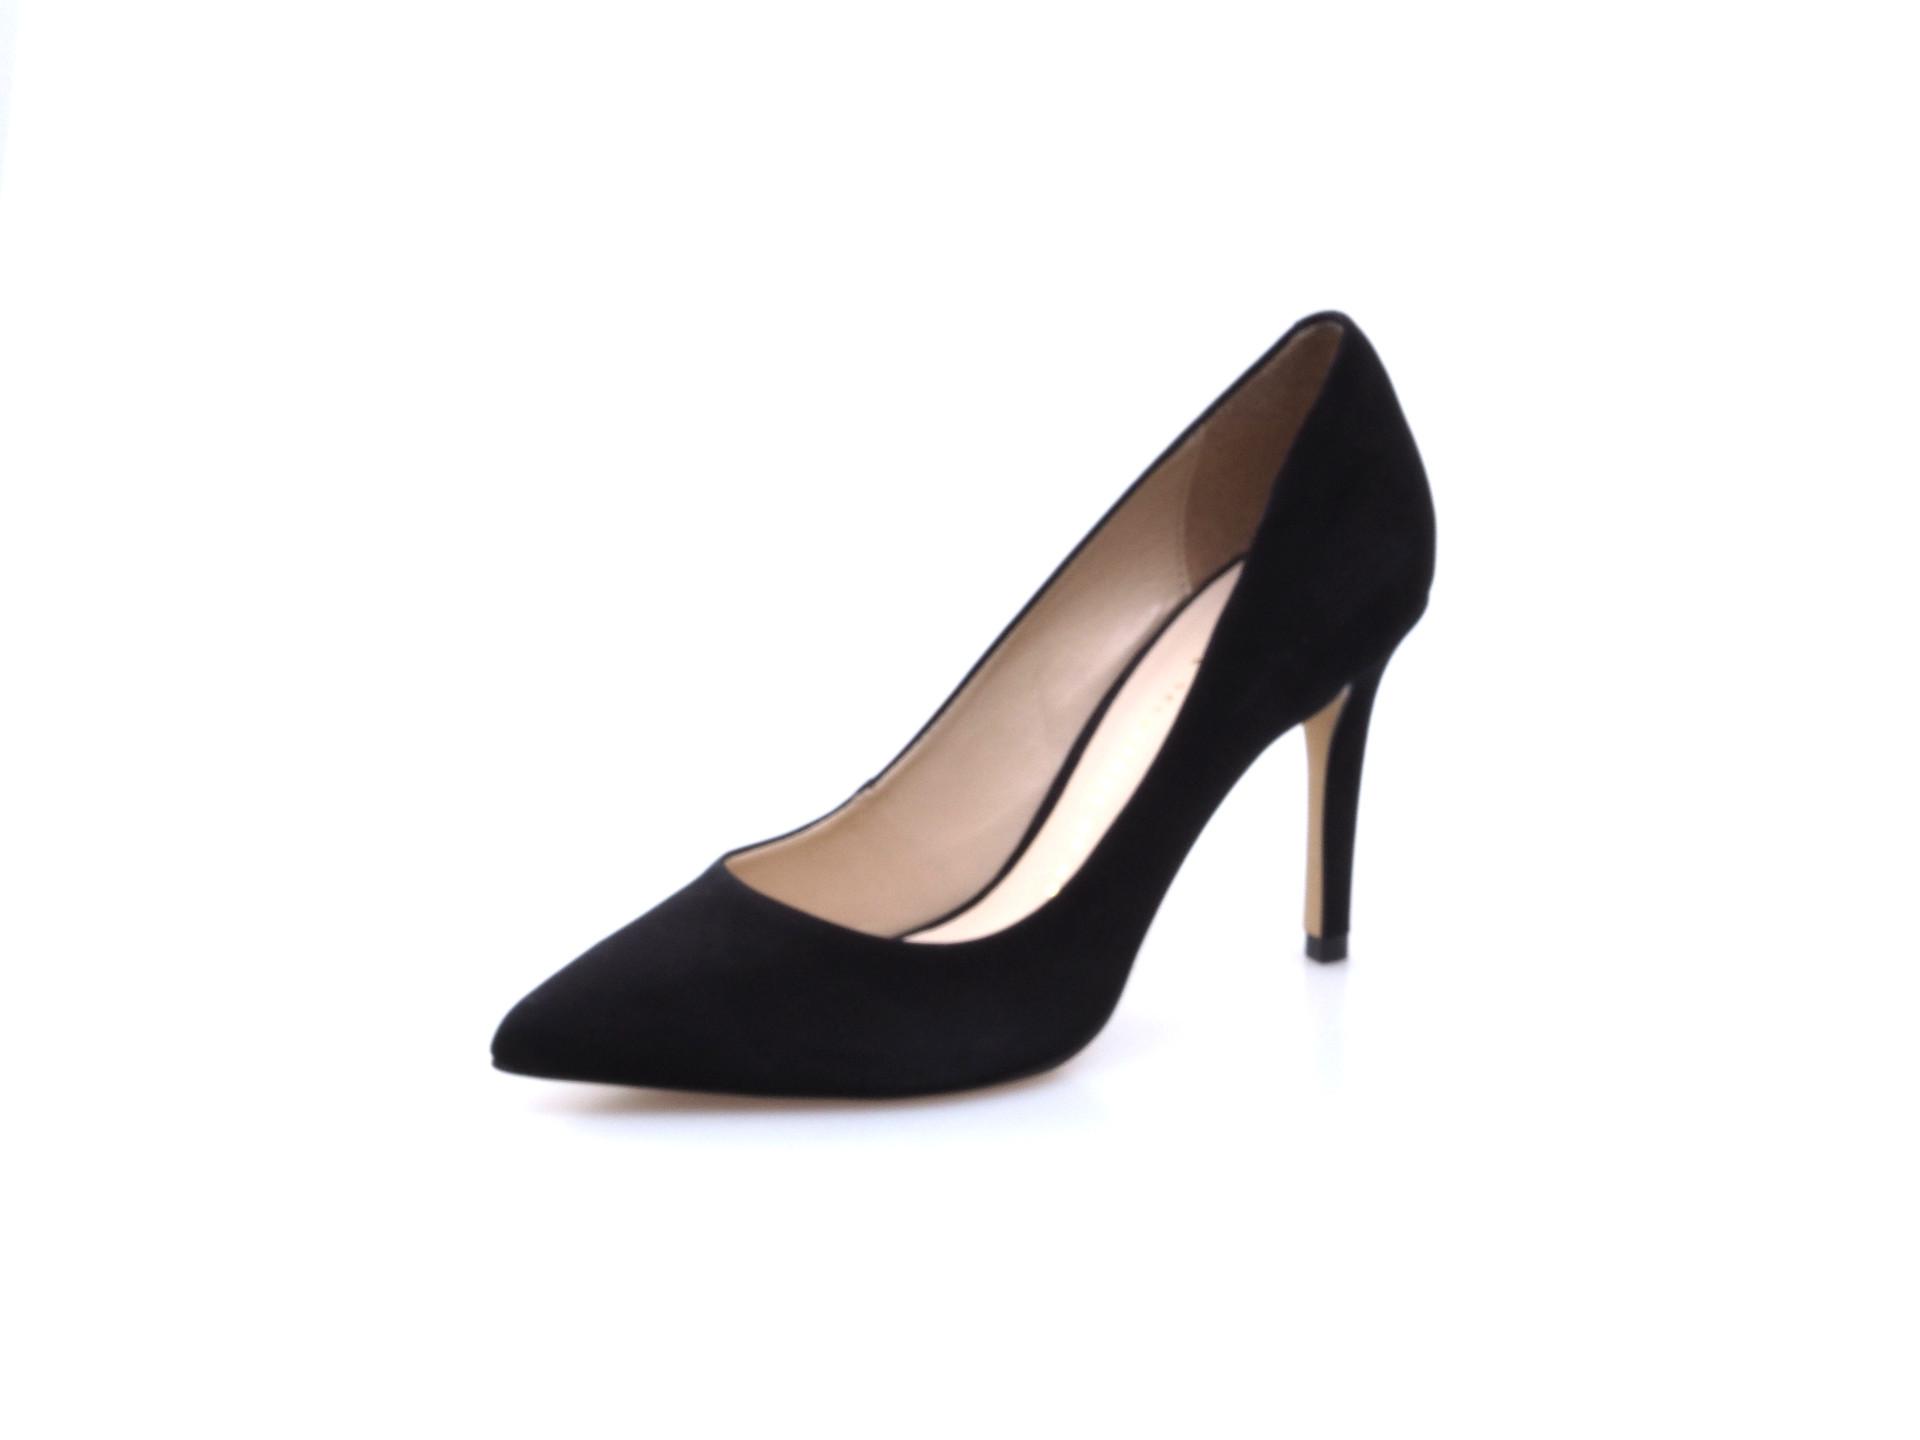 Soňa - Dámska obuv - Spoločenská obuv - Bronx dámska lspoločenská lodička  čierna 6bc8cfb3176